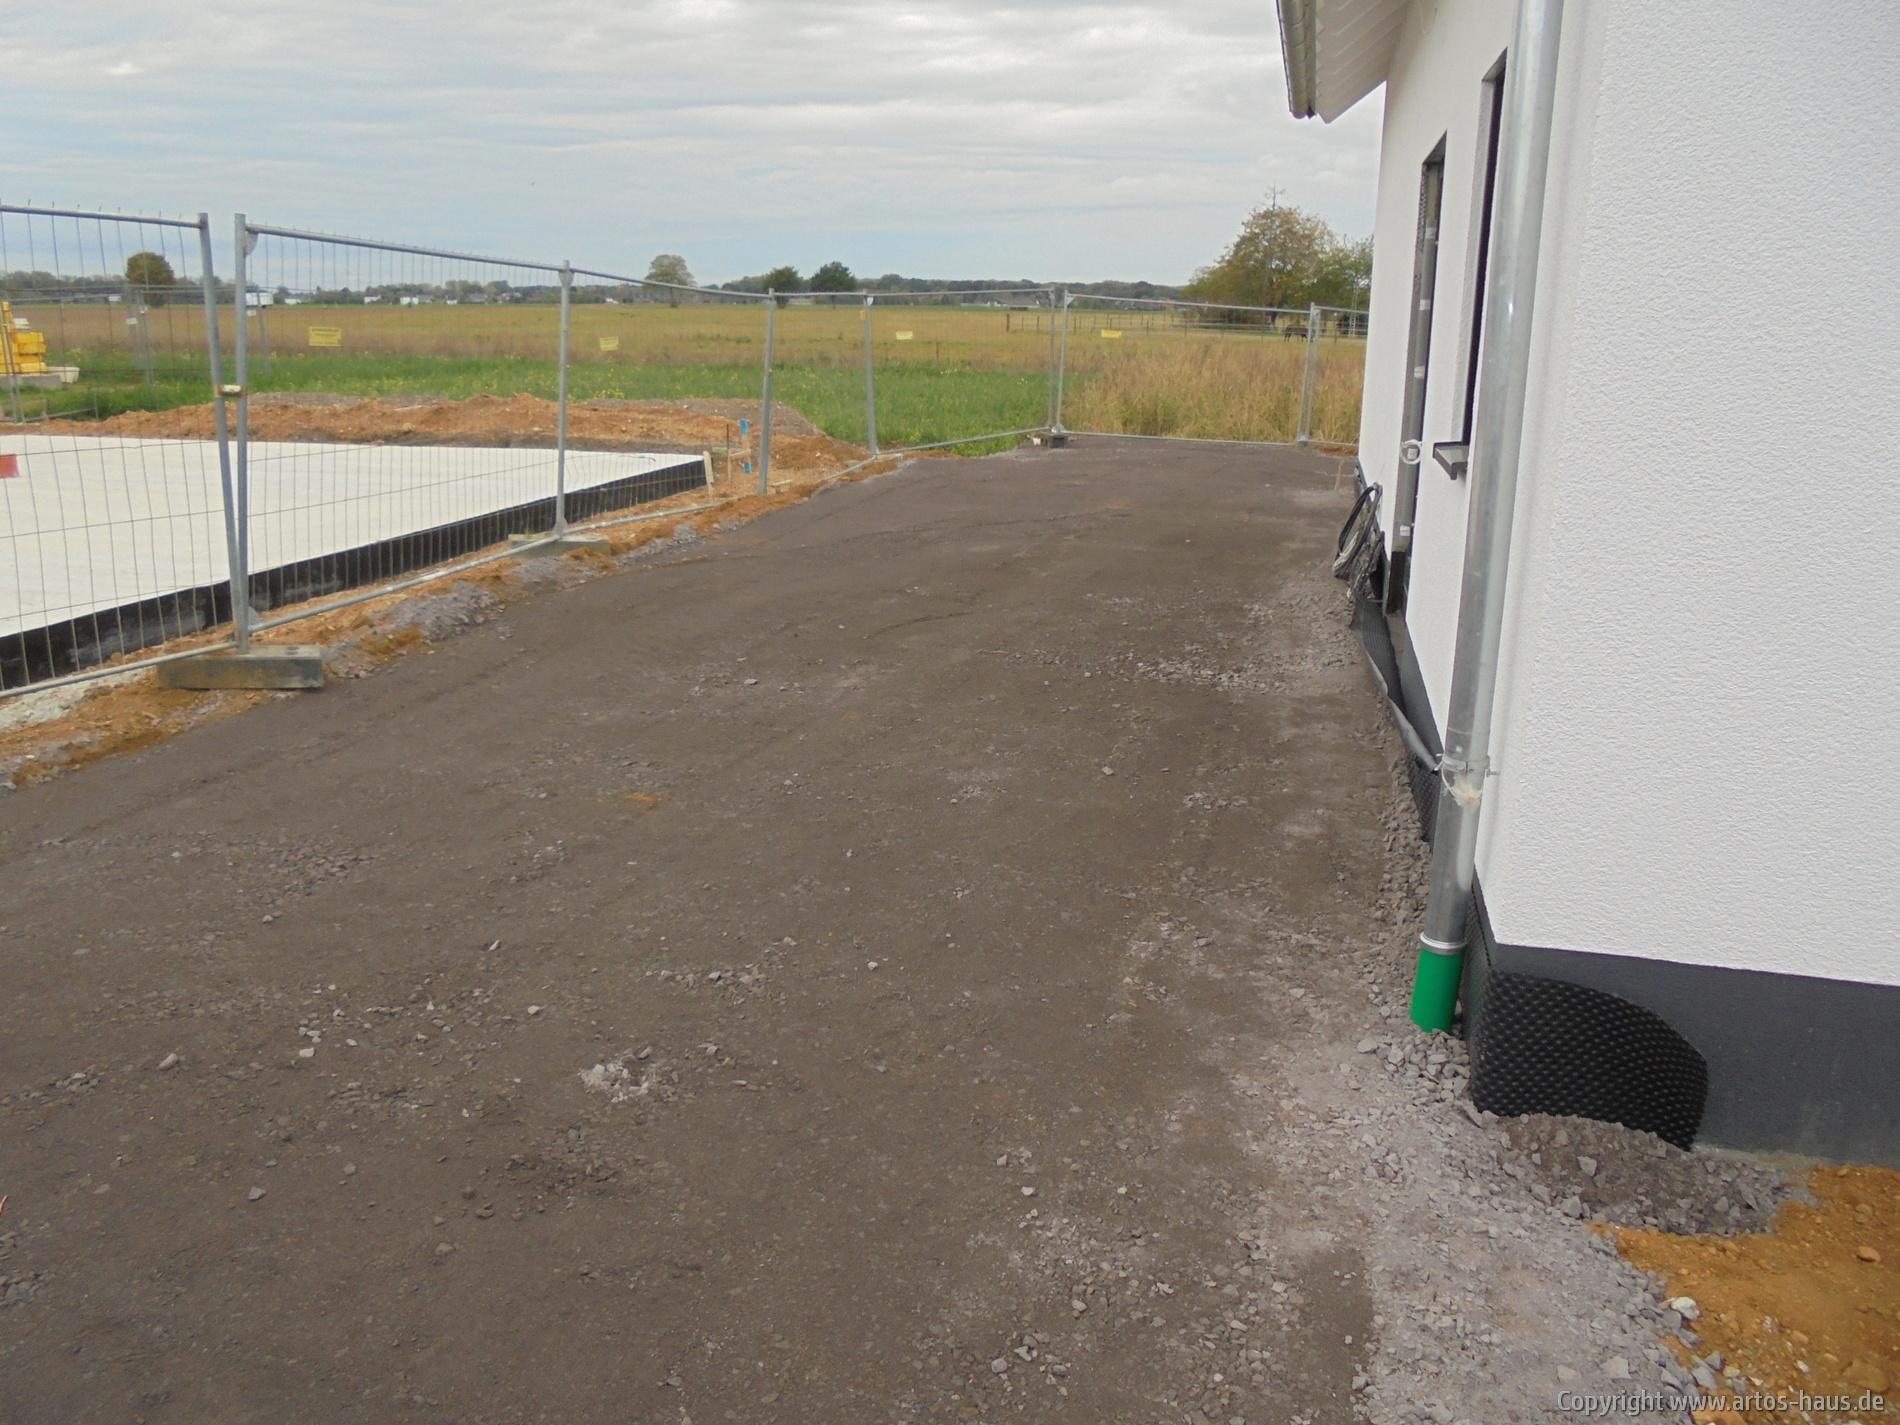 Entwässerung und Aufbau Terrasse und Garagenzufahrt ARTOS HAUS Bild 2